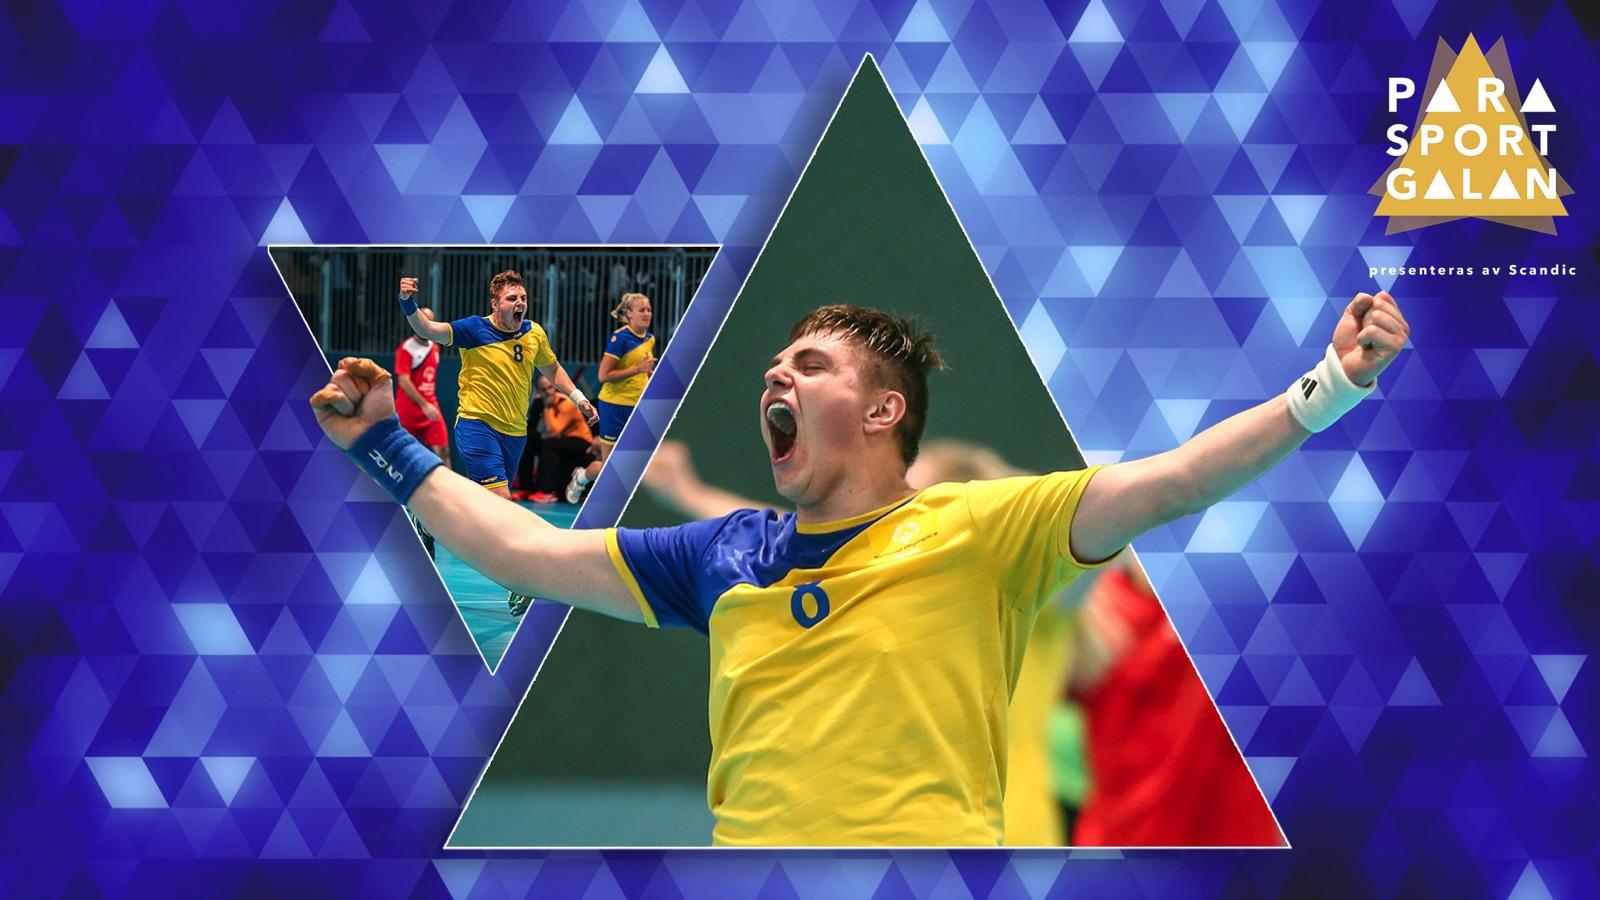 Blir det tredje gången gillt för Ricky Landgraff? Handbollsspelaren är återigen nominerad till Årets prestation inom Special Olympics på Parasportgalan.